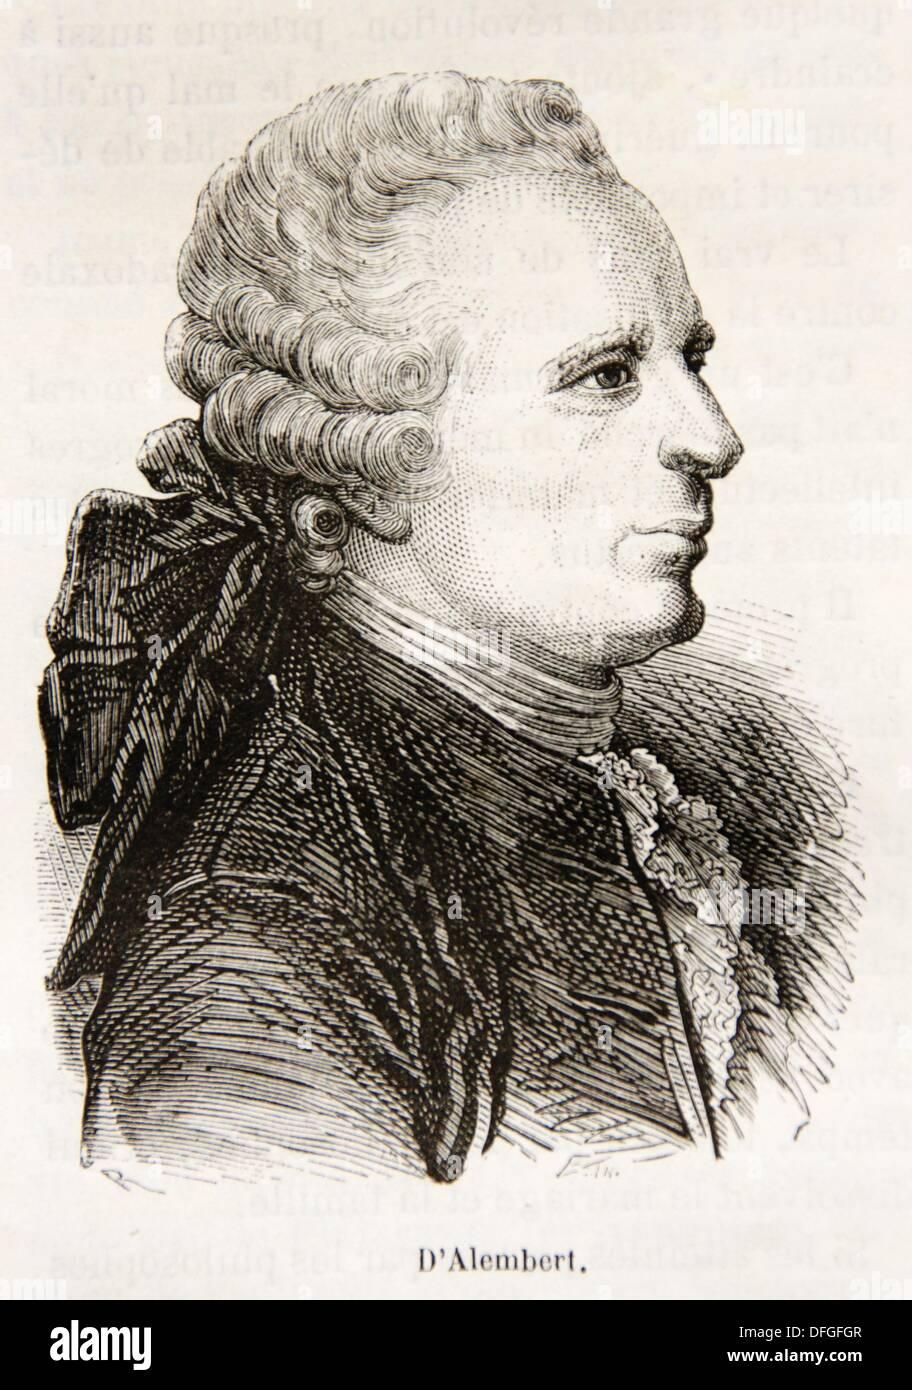 Jean Le Rond D'Alembert (16 novembre 1717 - 29 octobre 1783) était un mathématicien français, physicien et scientifique américain, Photo Stock